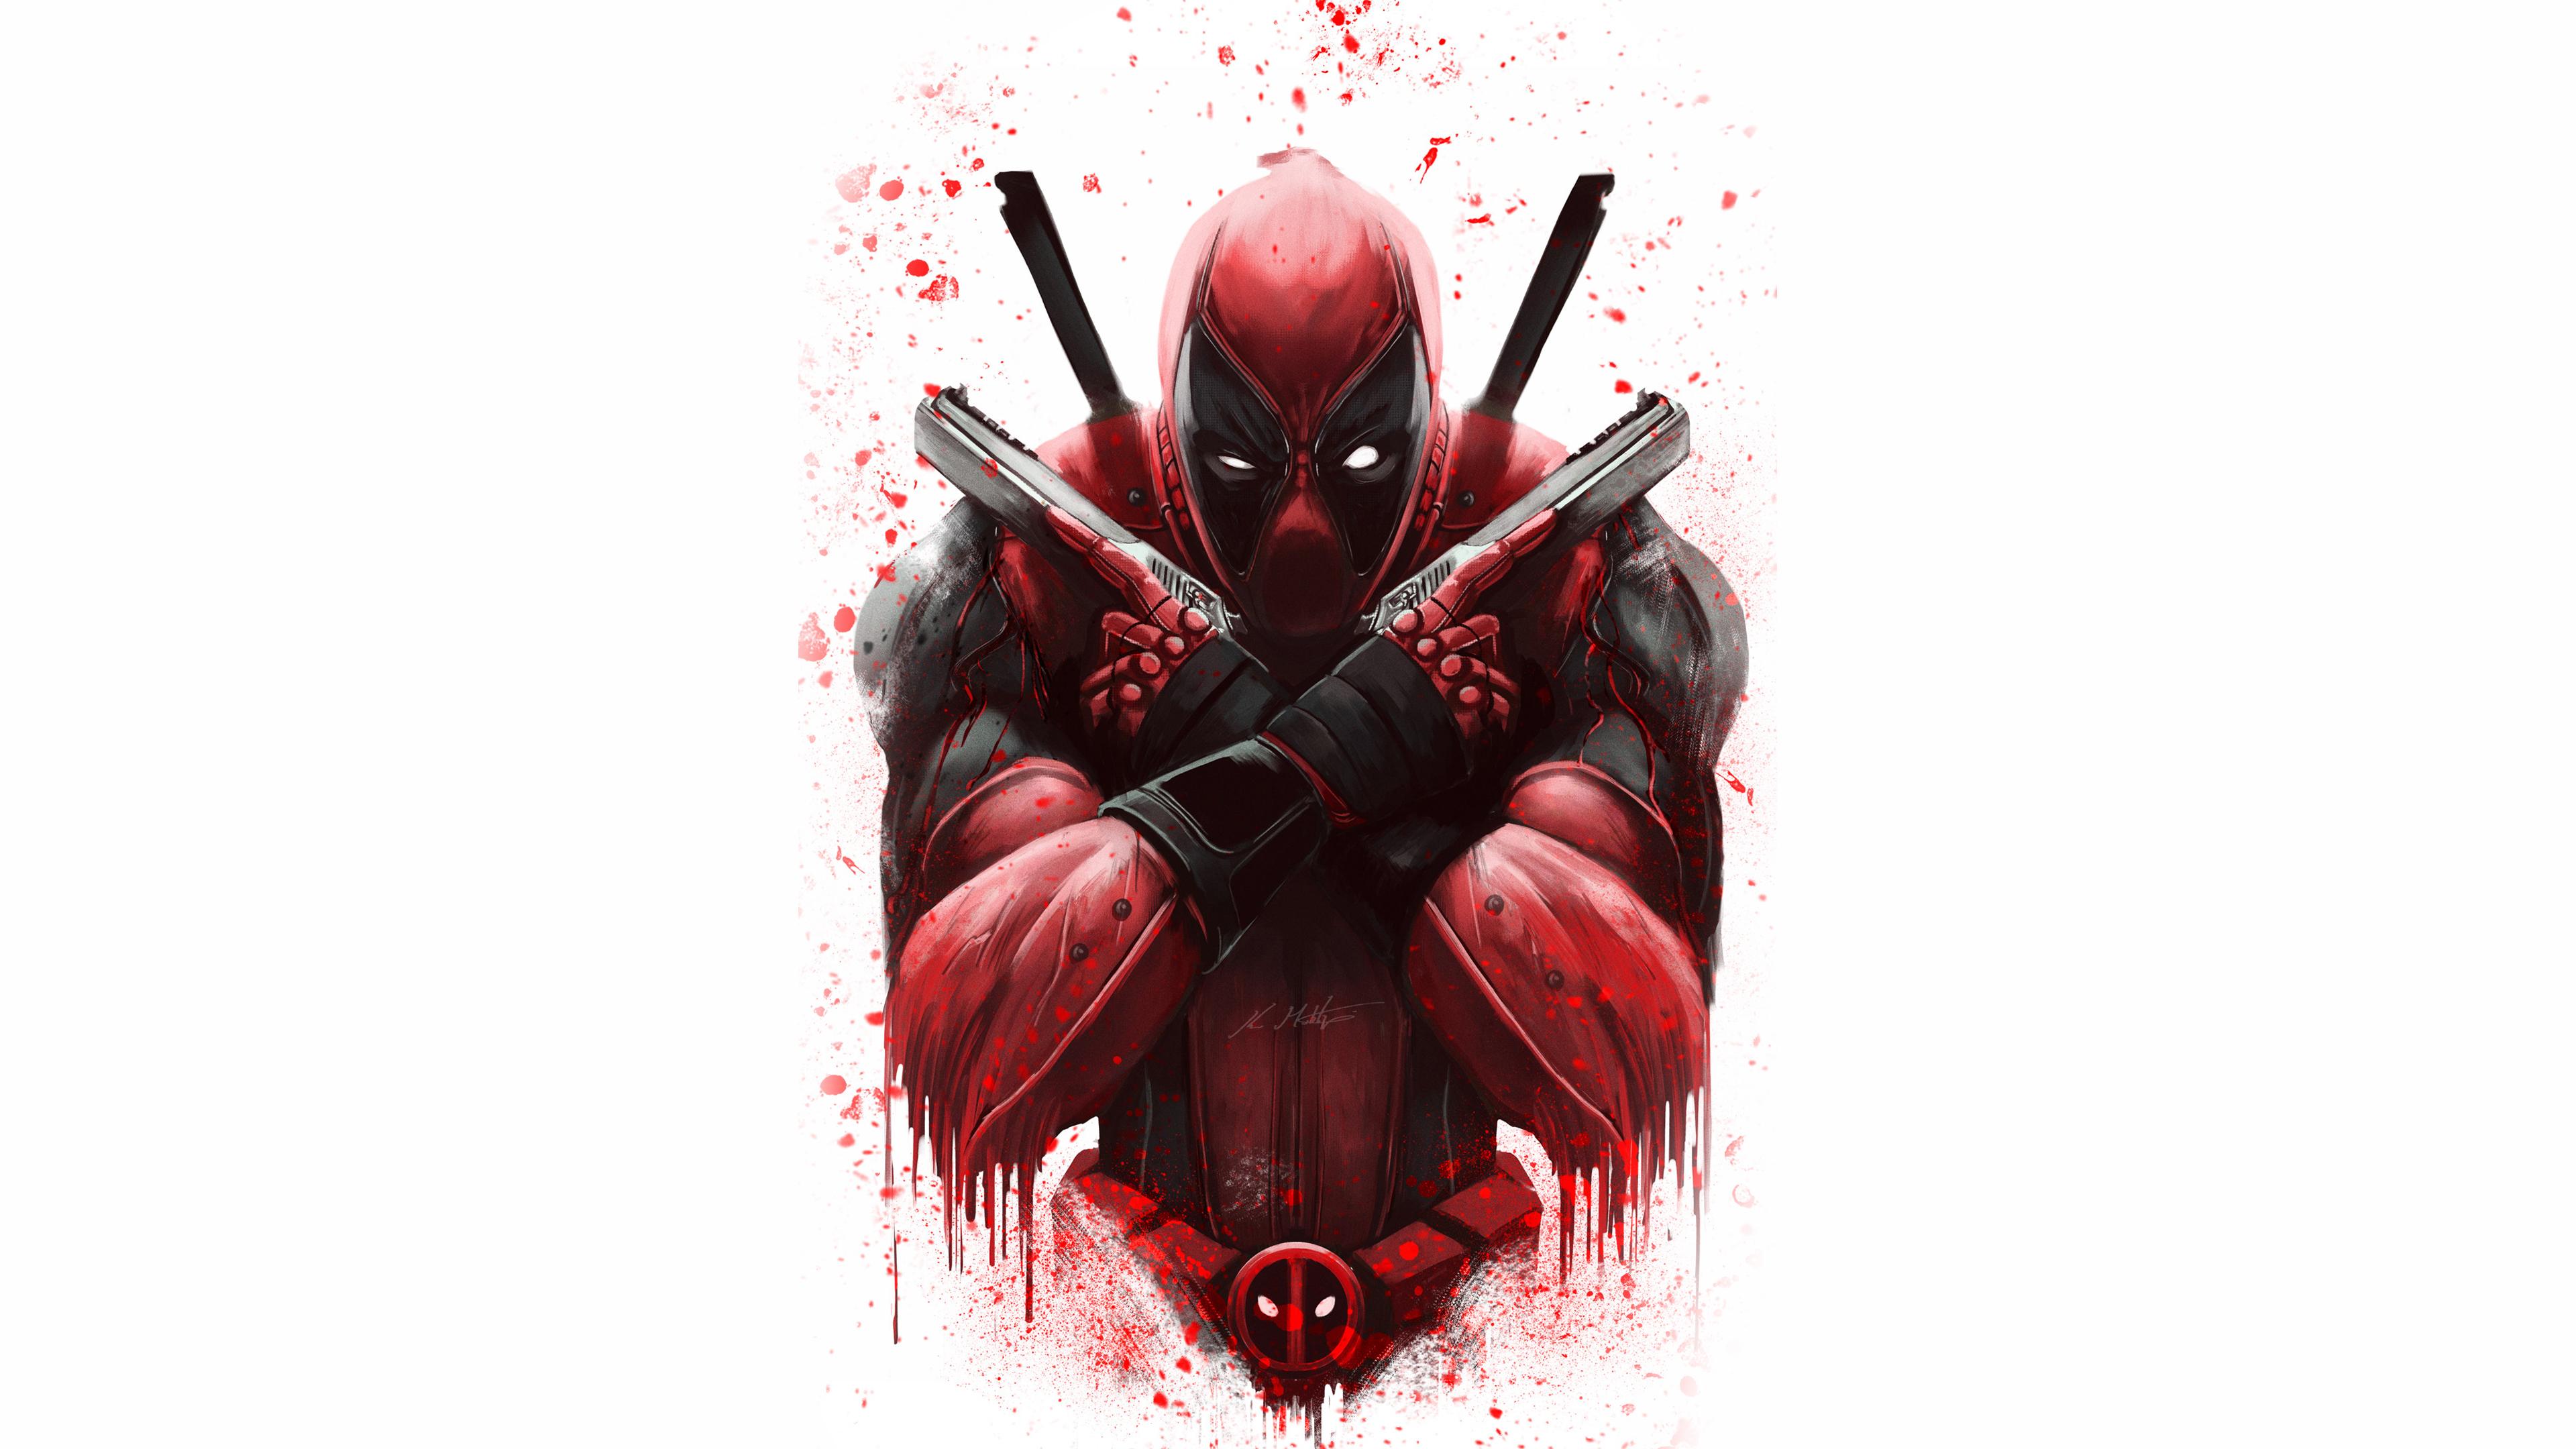 Рисунок персонажа комиксов с окровавленными руками в перчатках и оружием